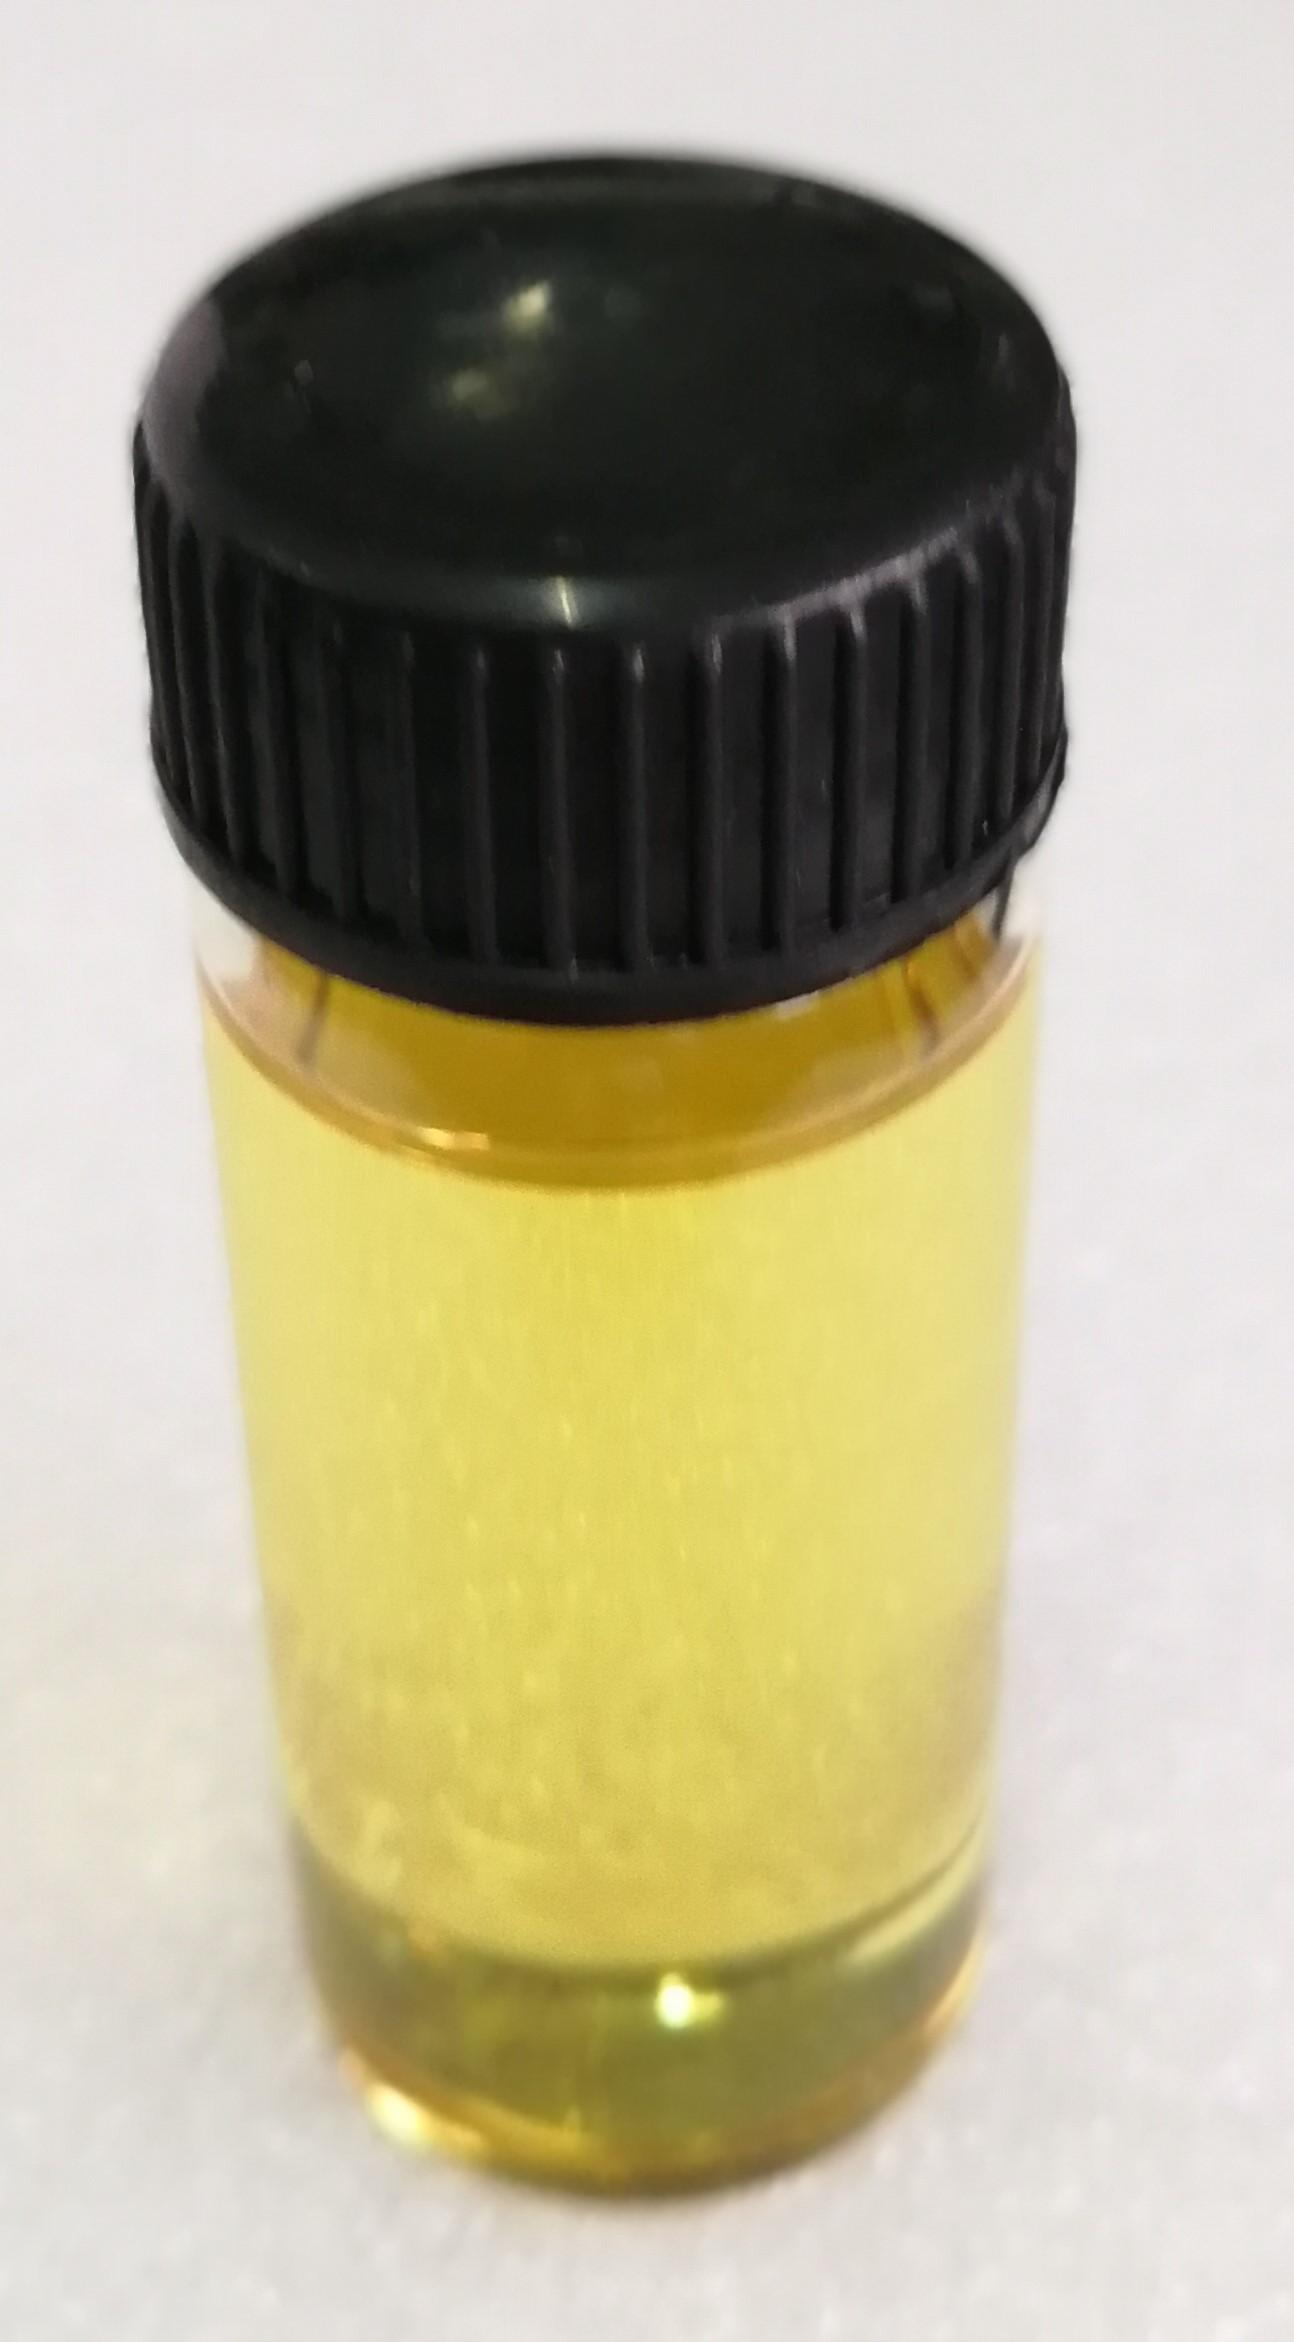 YH5230 共反应促进剂 (环氧固化剂/双组分水性环氧涂料)(替代/K54/2950/DMP30:提高耐水性耐盐雾)图片